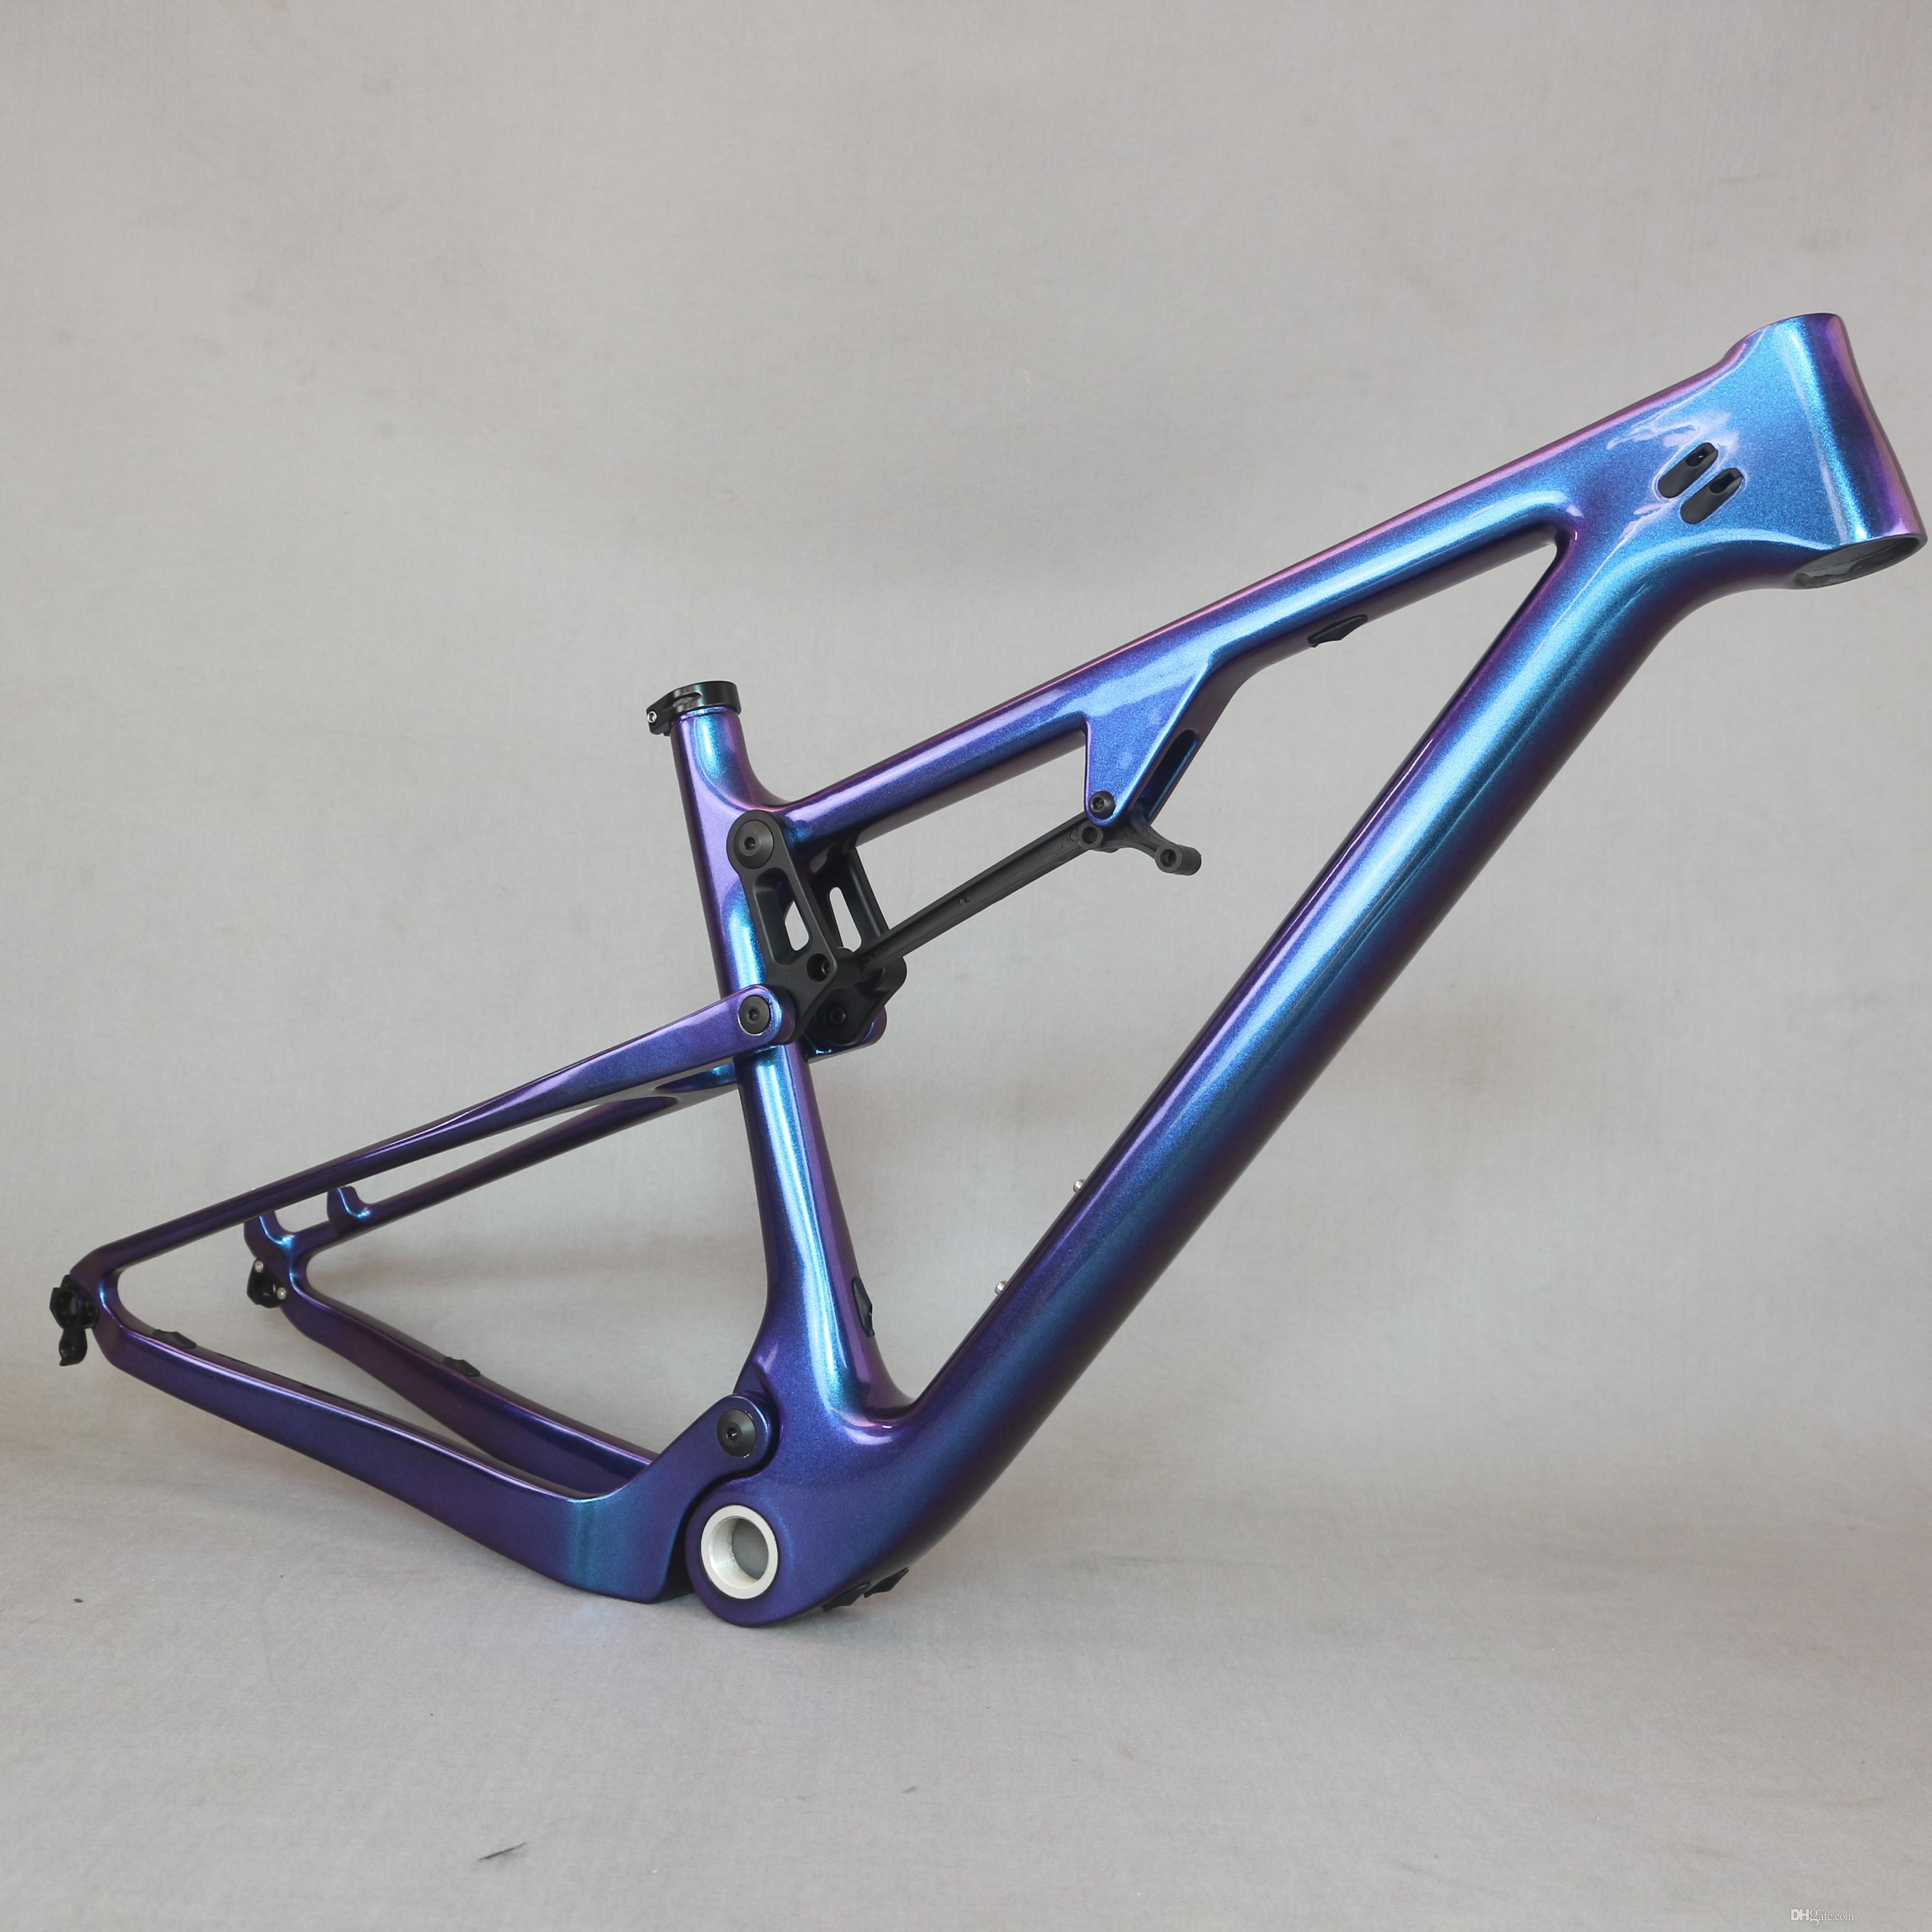 Full Mountain Bike Carbon Frames 29er Carbon MTB Bicycle Frame BSA 73mm 11 Color